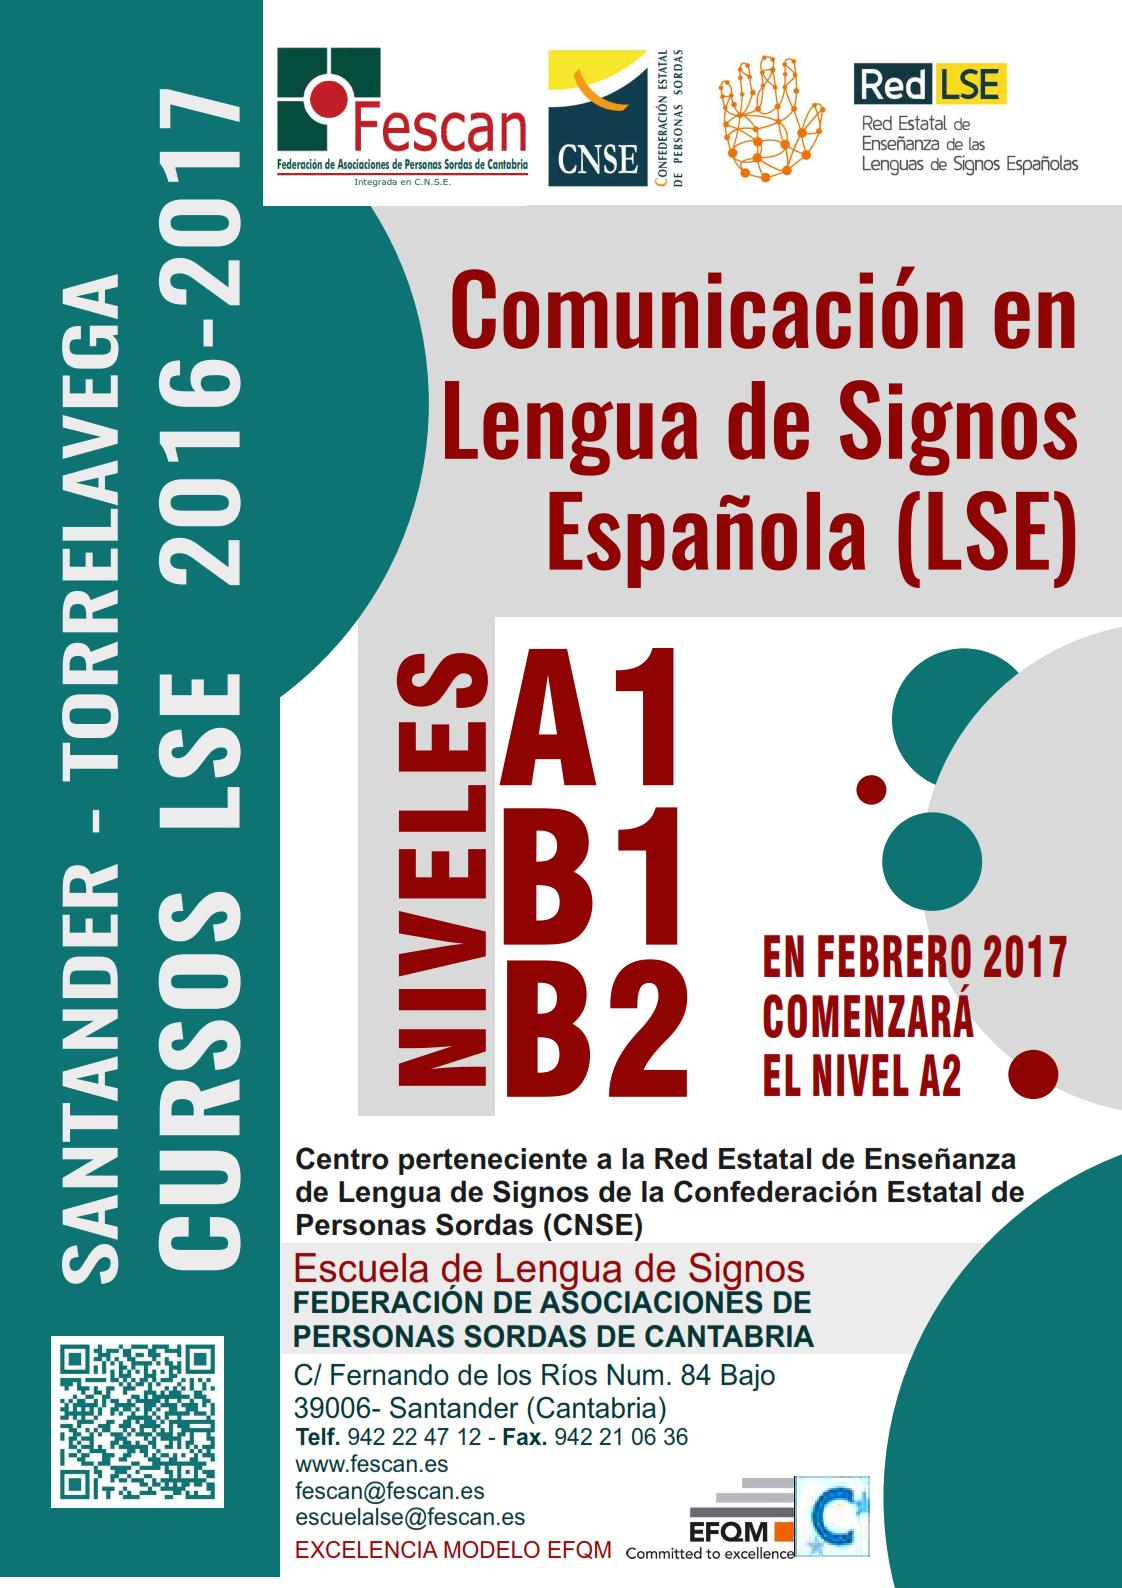 OFERTA DE CURSOS DE COMUNICACIÓN EN LENGUA DE SIGNOS ESPAÑOLA 2016-2017